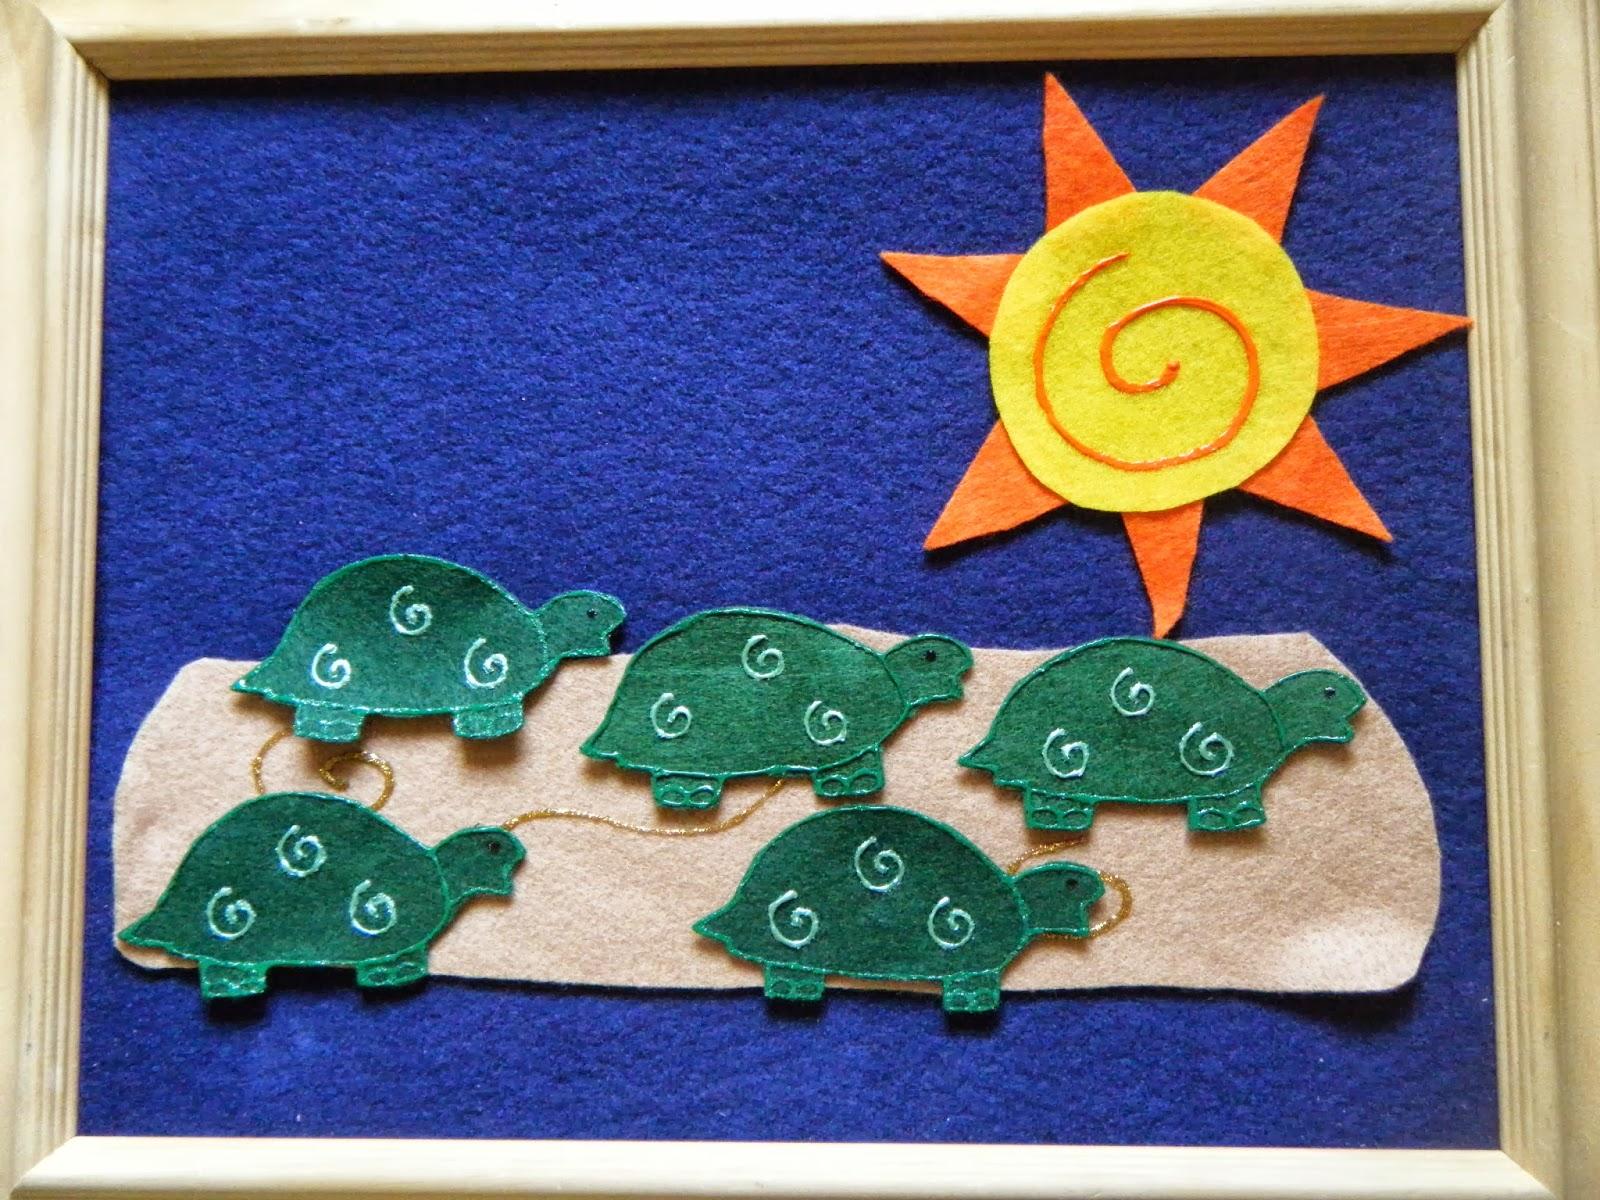 Felt Board Ideas All About Turtles Turtle Felt Board